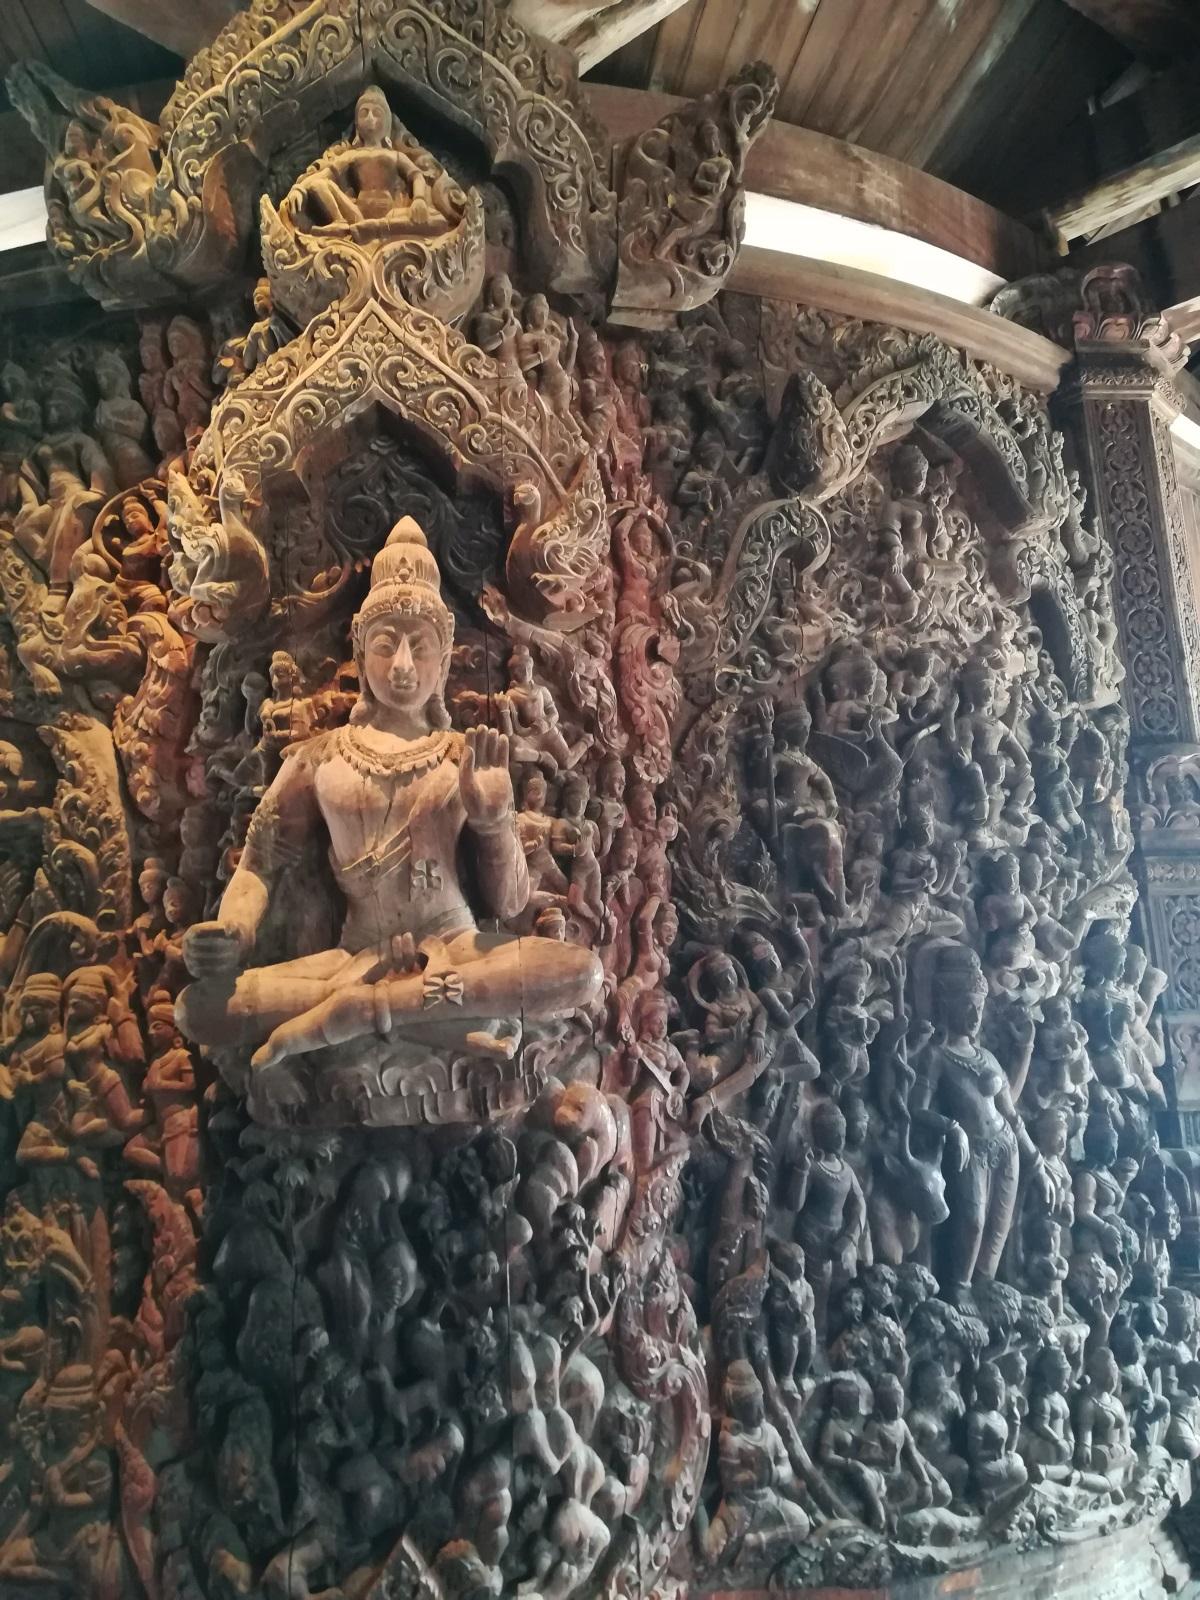 Невероятна дървена конструкция, извисяваща се на 105 м над земята - това е Светилището на истината - едно от най-необикновените места в света и уникално място за Патая. Със своите над 3200 кв метра площ, сградата е известна като най-големия дървен храм в света, построен без нито един гвоздей. Строежът ѝ всъщност започва през 1981 г. и продължава вече повече от десетилетие, дори и в момента по нея се извършват ремонтни дейности.